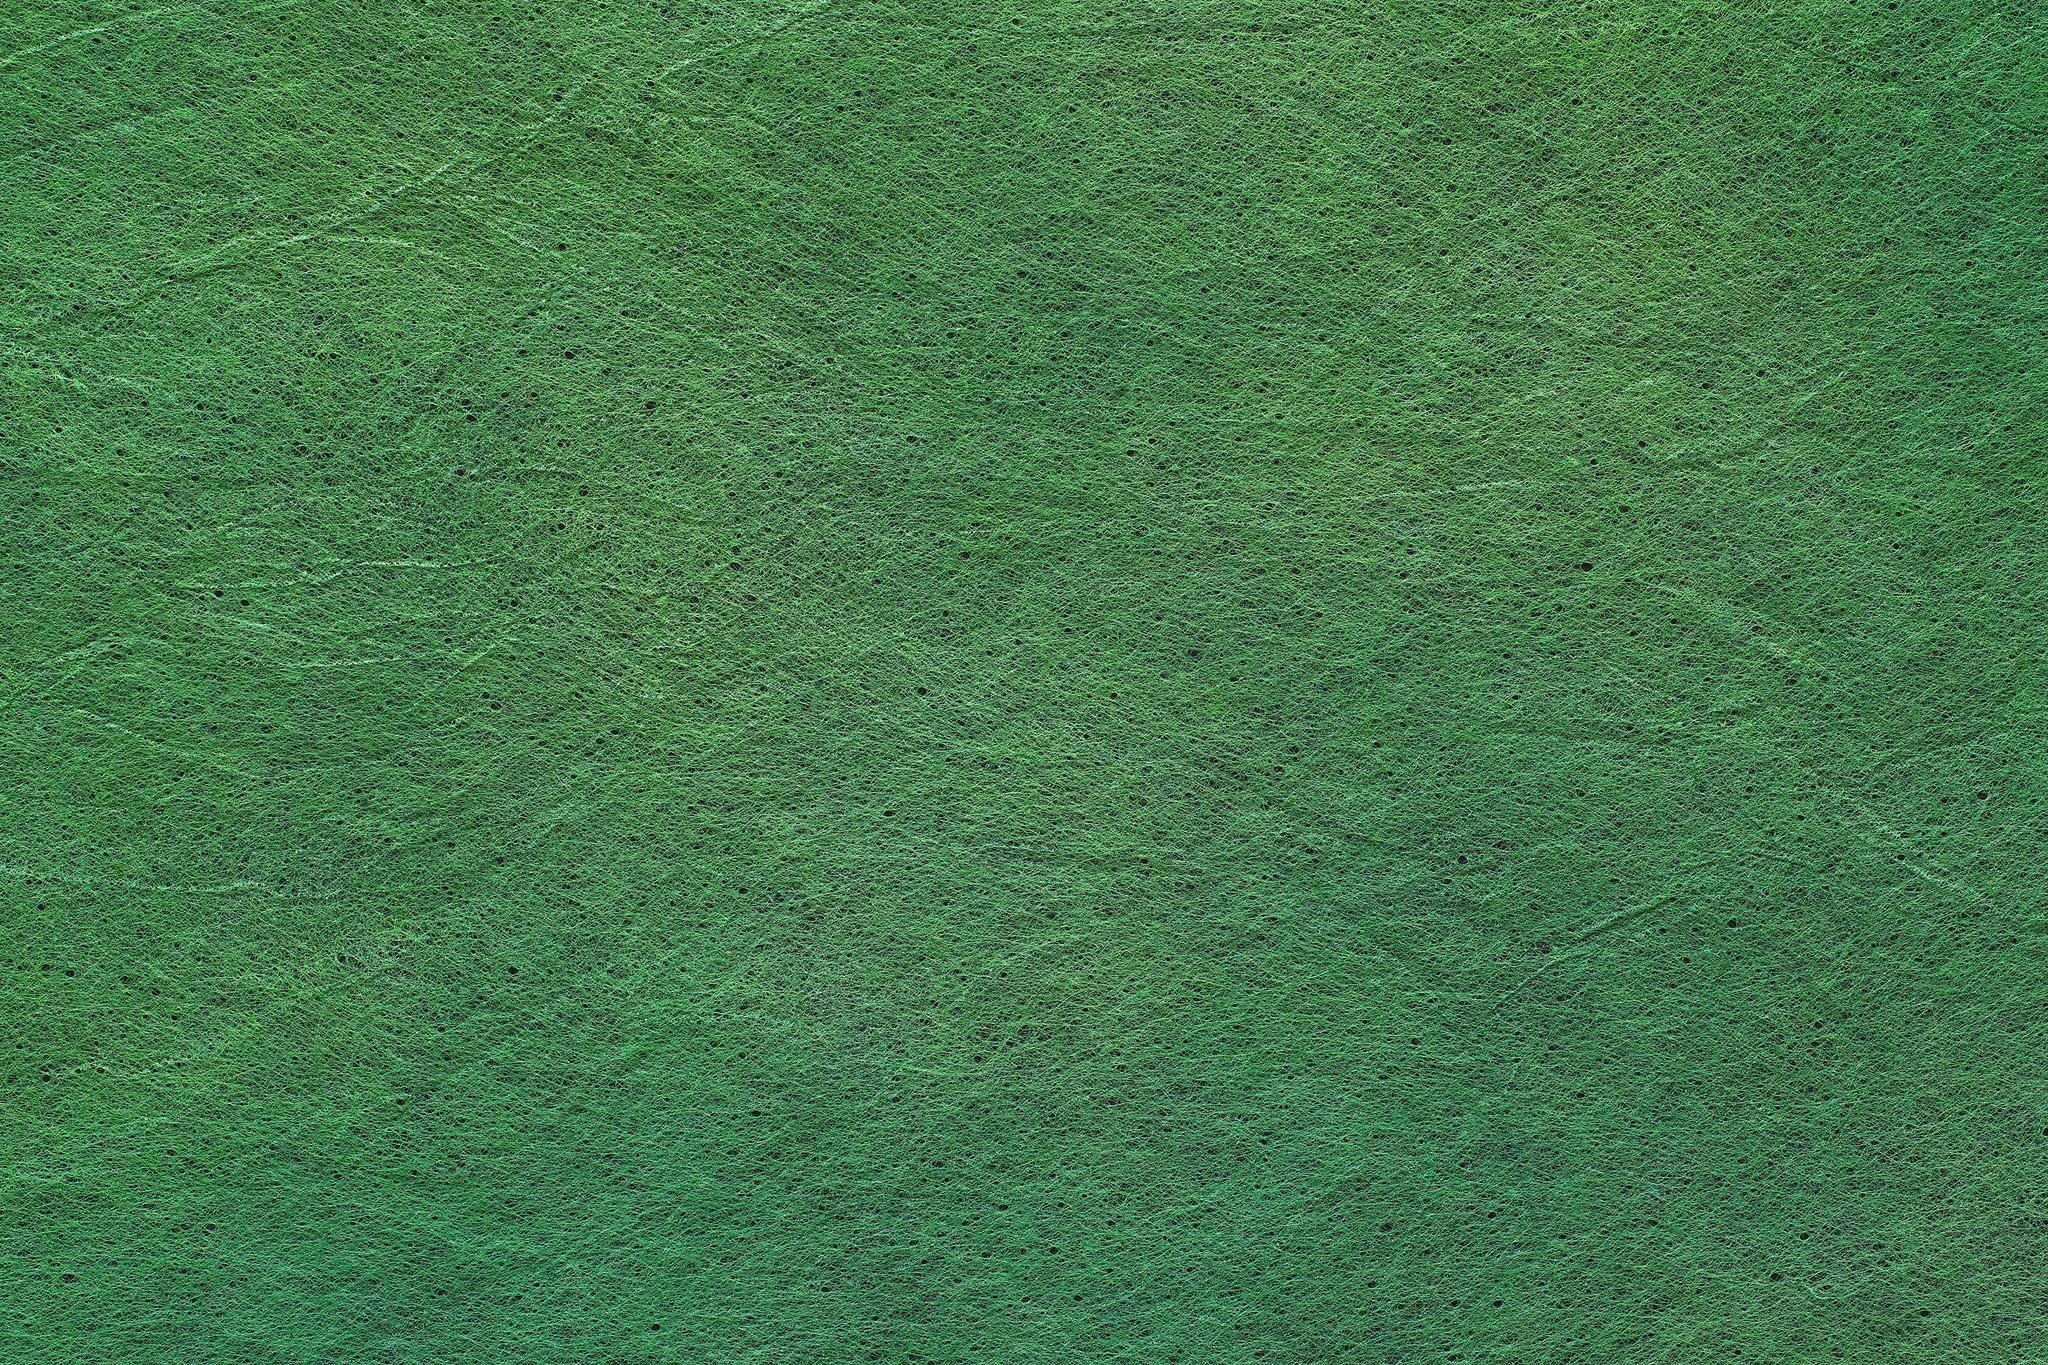 「綺麗な松葉色の色染め和紙」の画像を無料ダウンロード